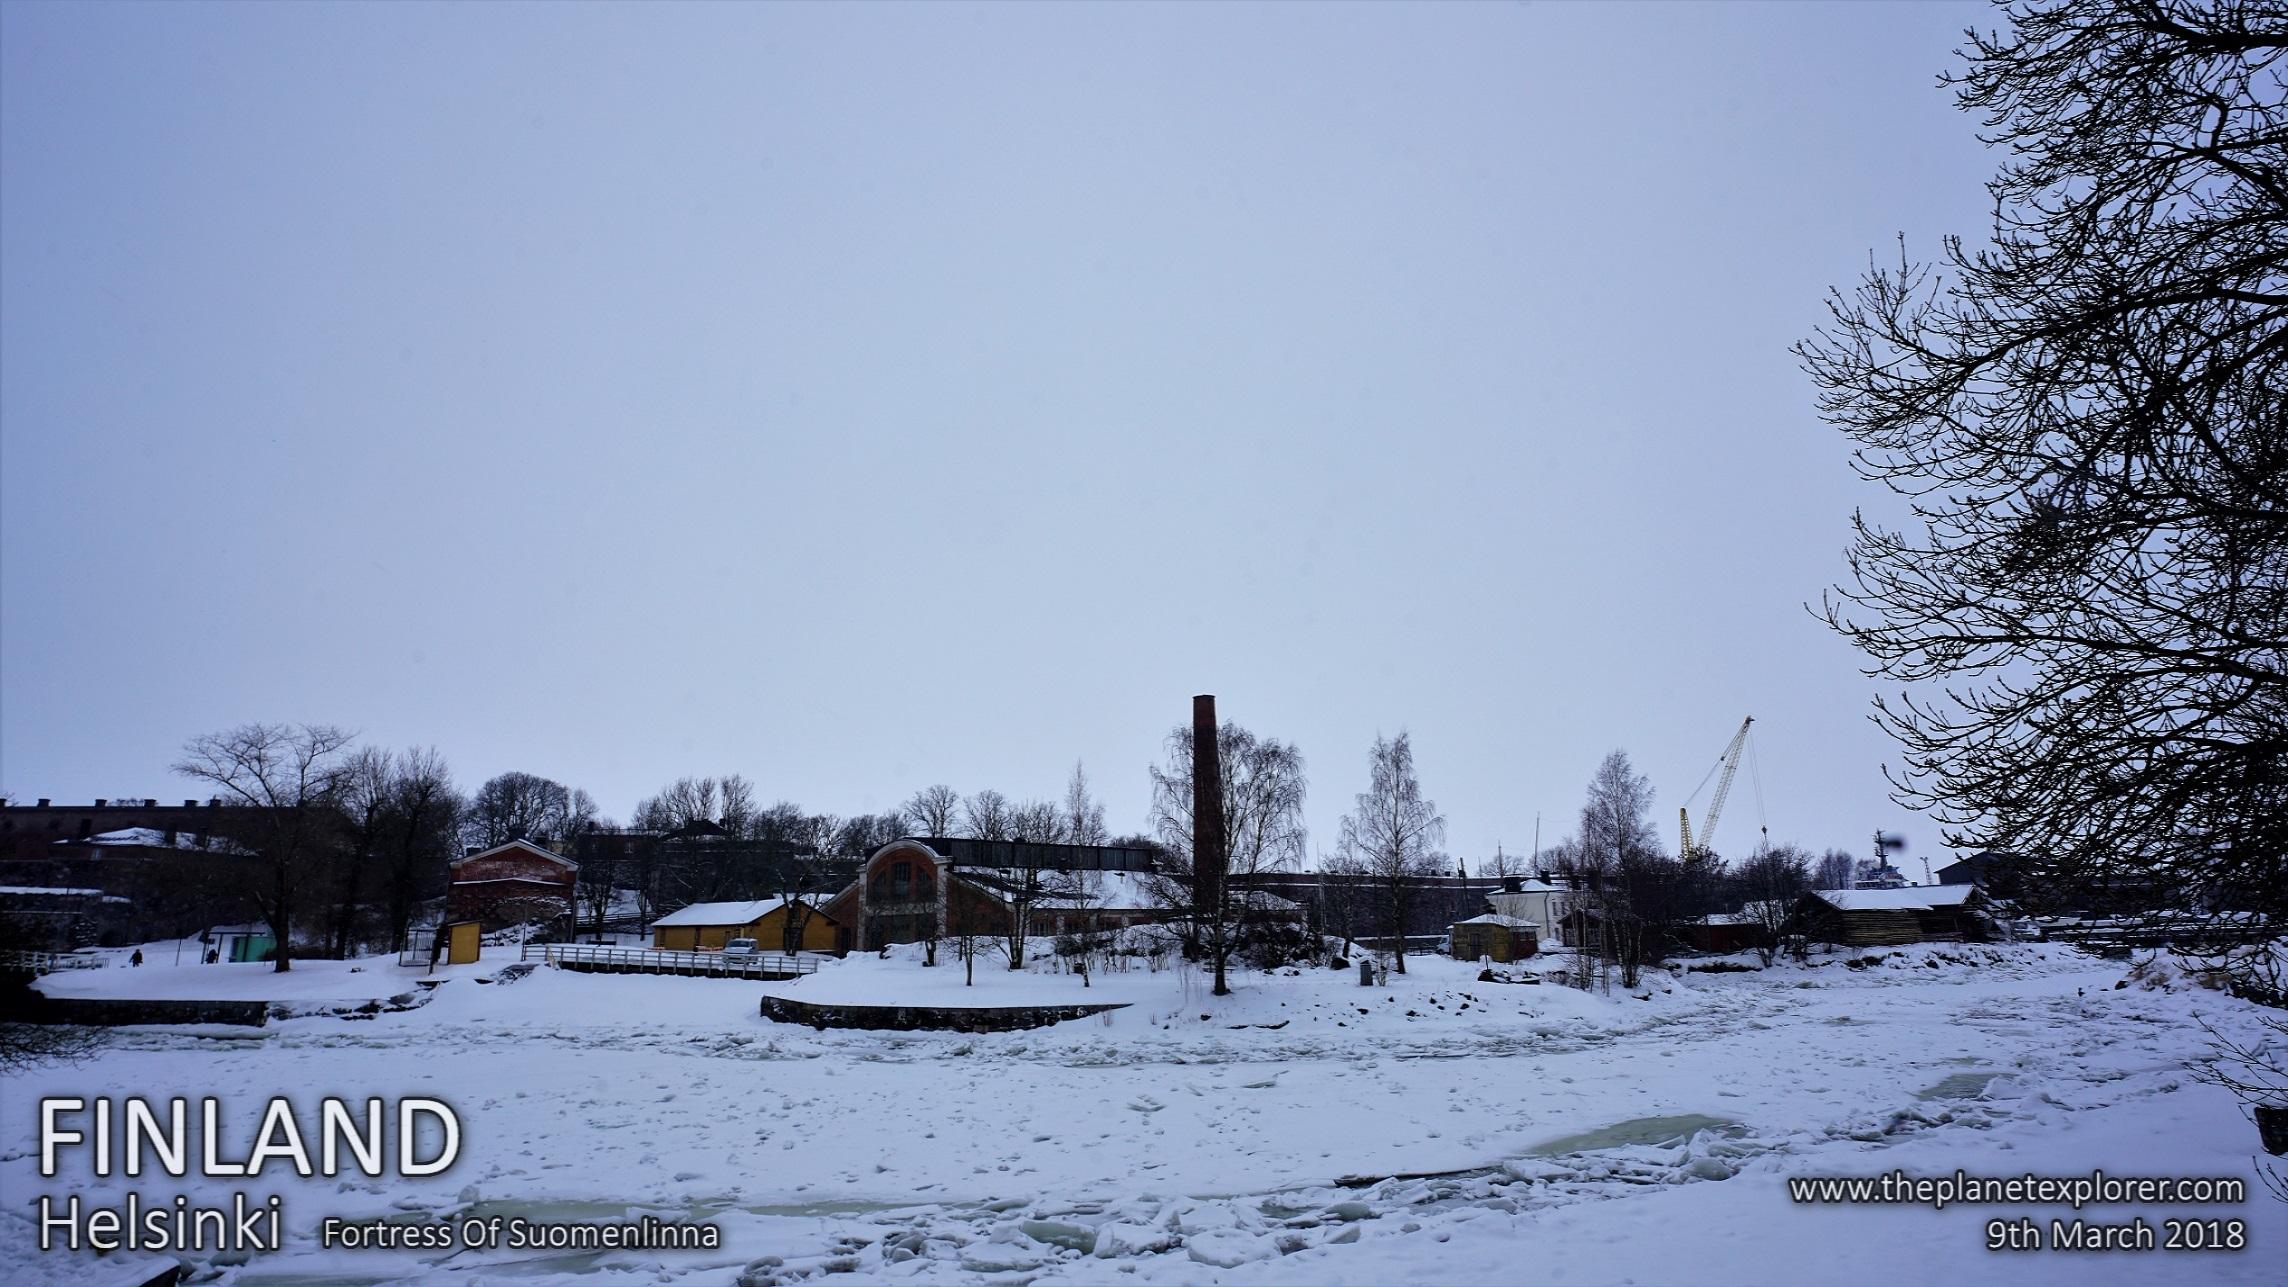 20180309_1158_Finland_Helsinki_Fortress Of Suomenlinna_DSC00189_Sony a7R2_LR_@www